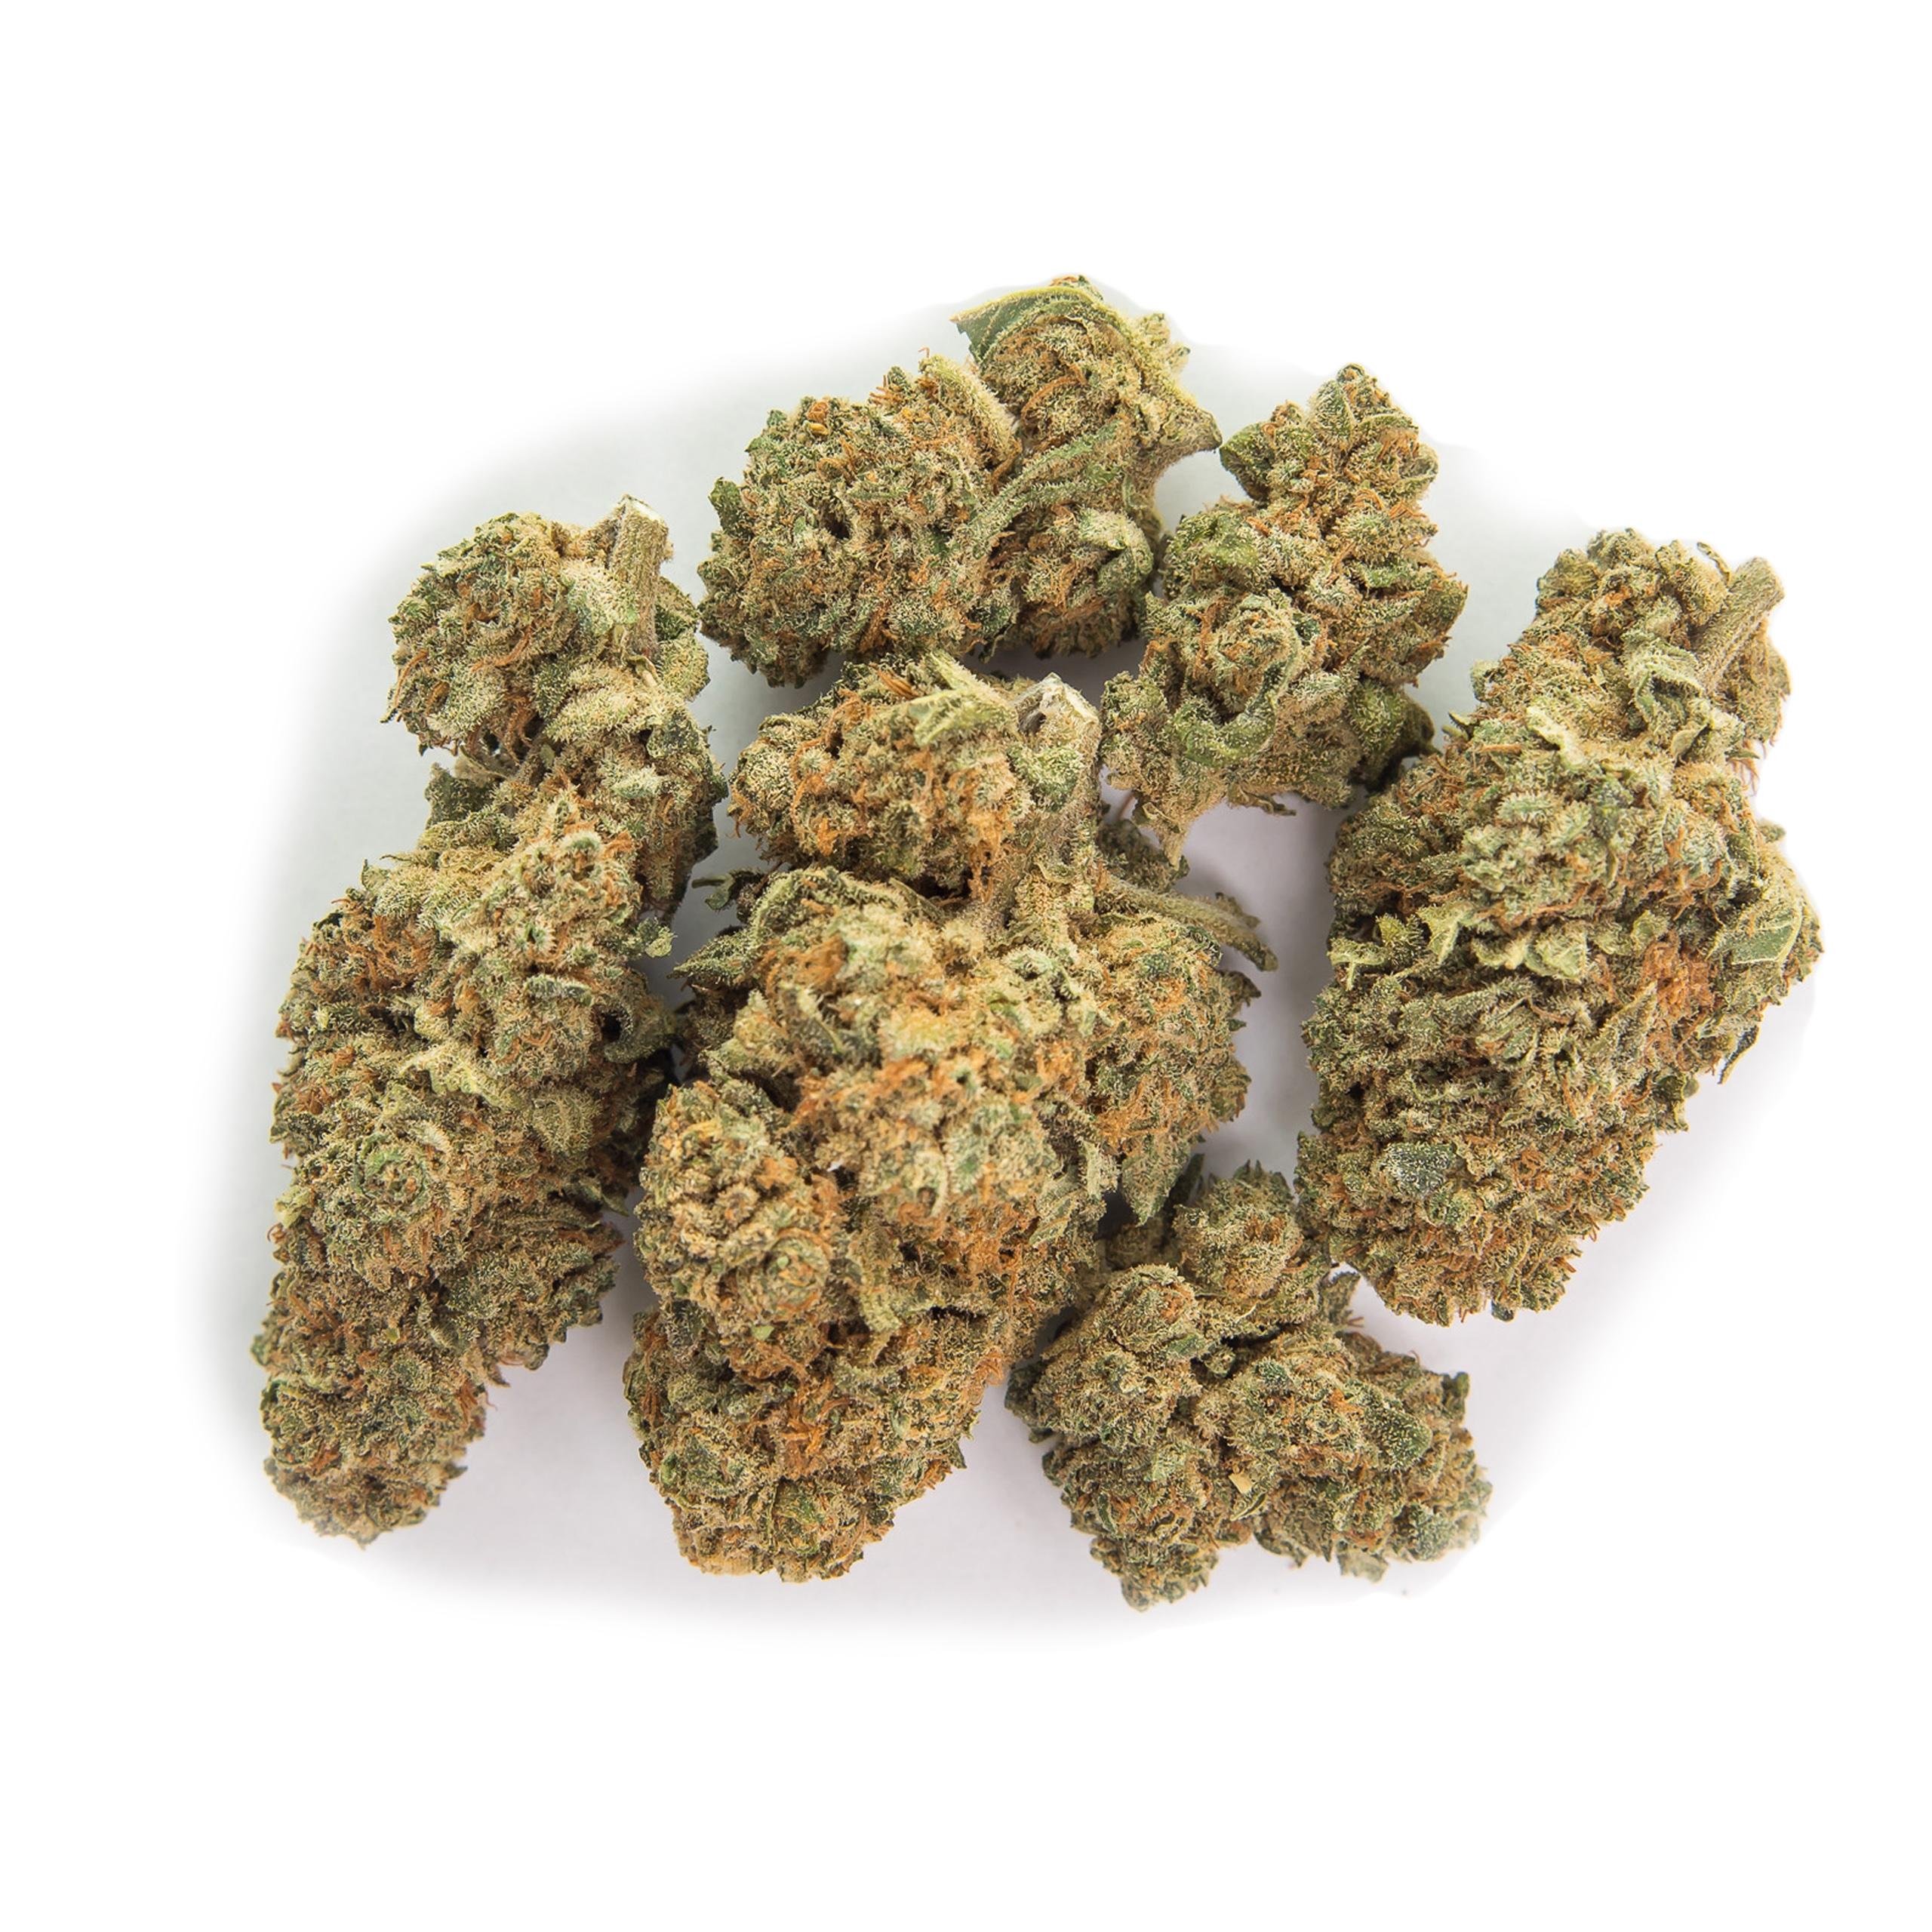 Продажа марихуаны оптом символ конопли значками